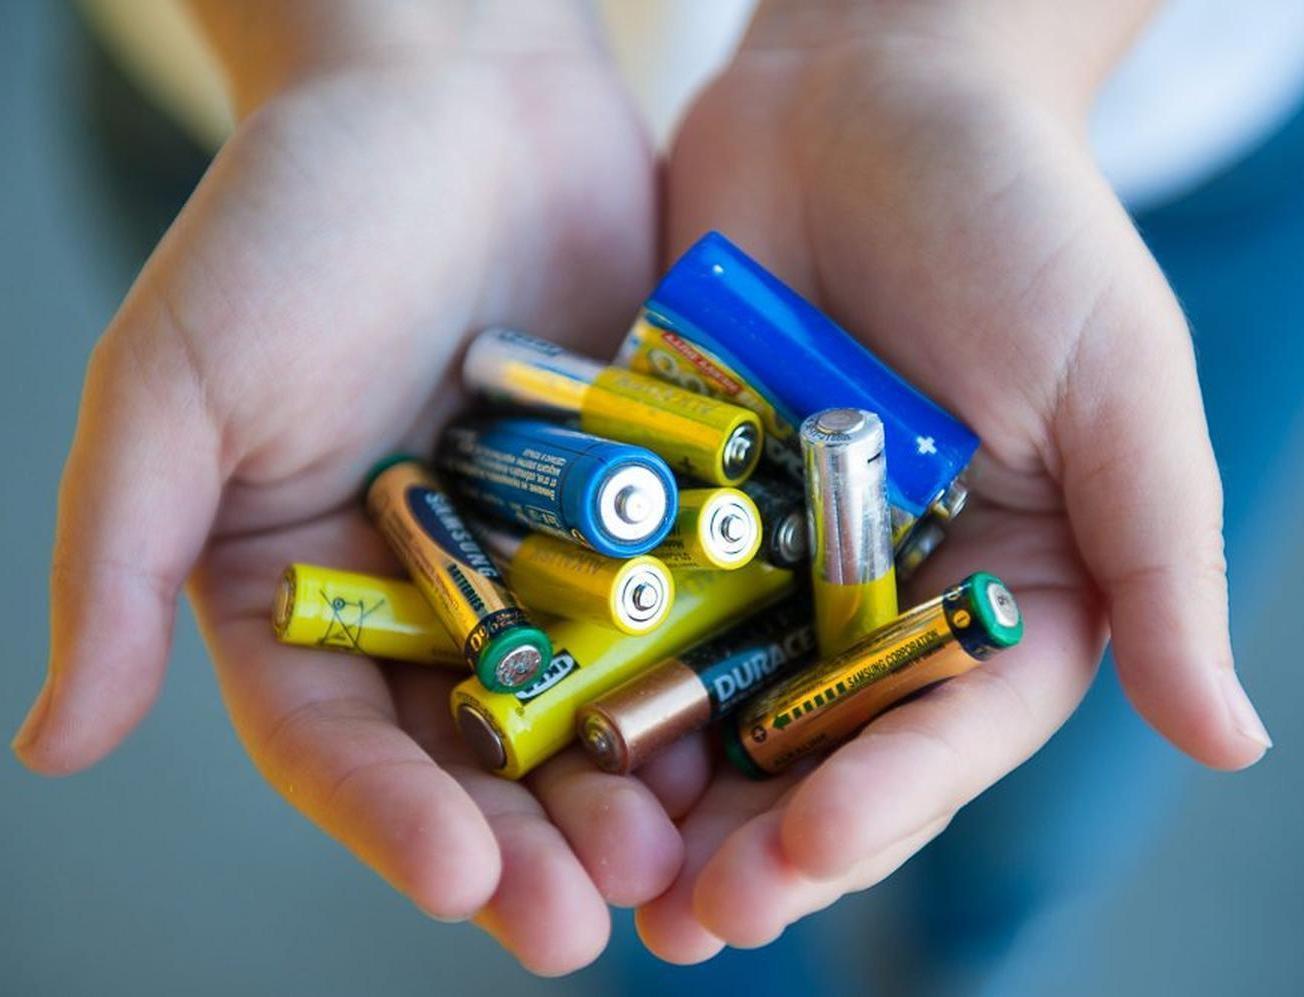 Последним пунктом акции «Неделя сбора батареек Duracell» станет Пенза